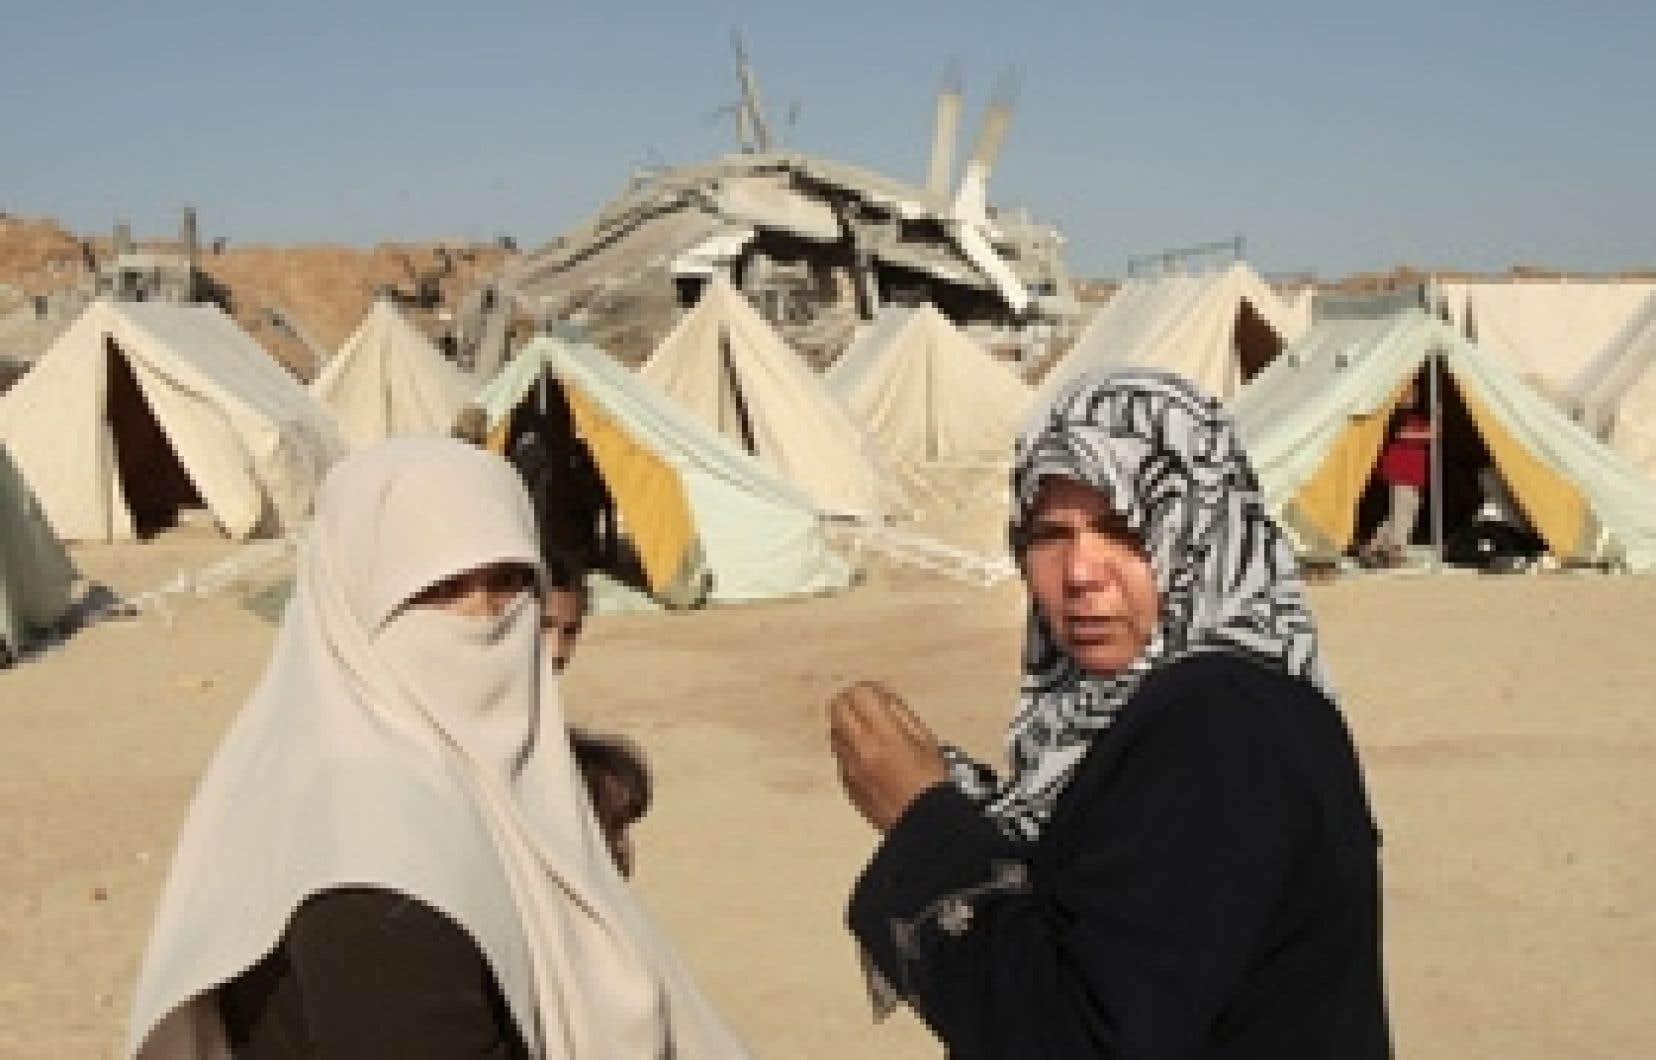 Les tentes ont remplacé les maisons détruites par les bombes, dans le camp de Jabalyia.